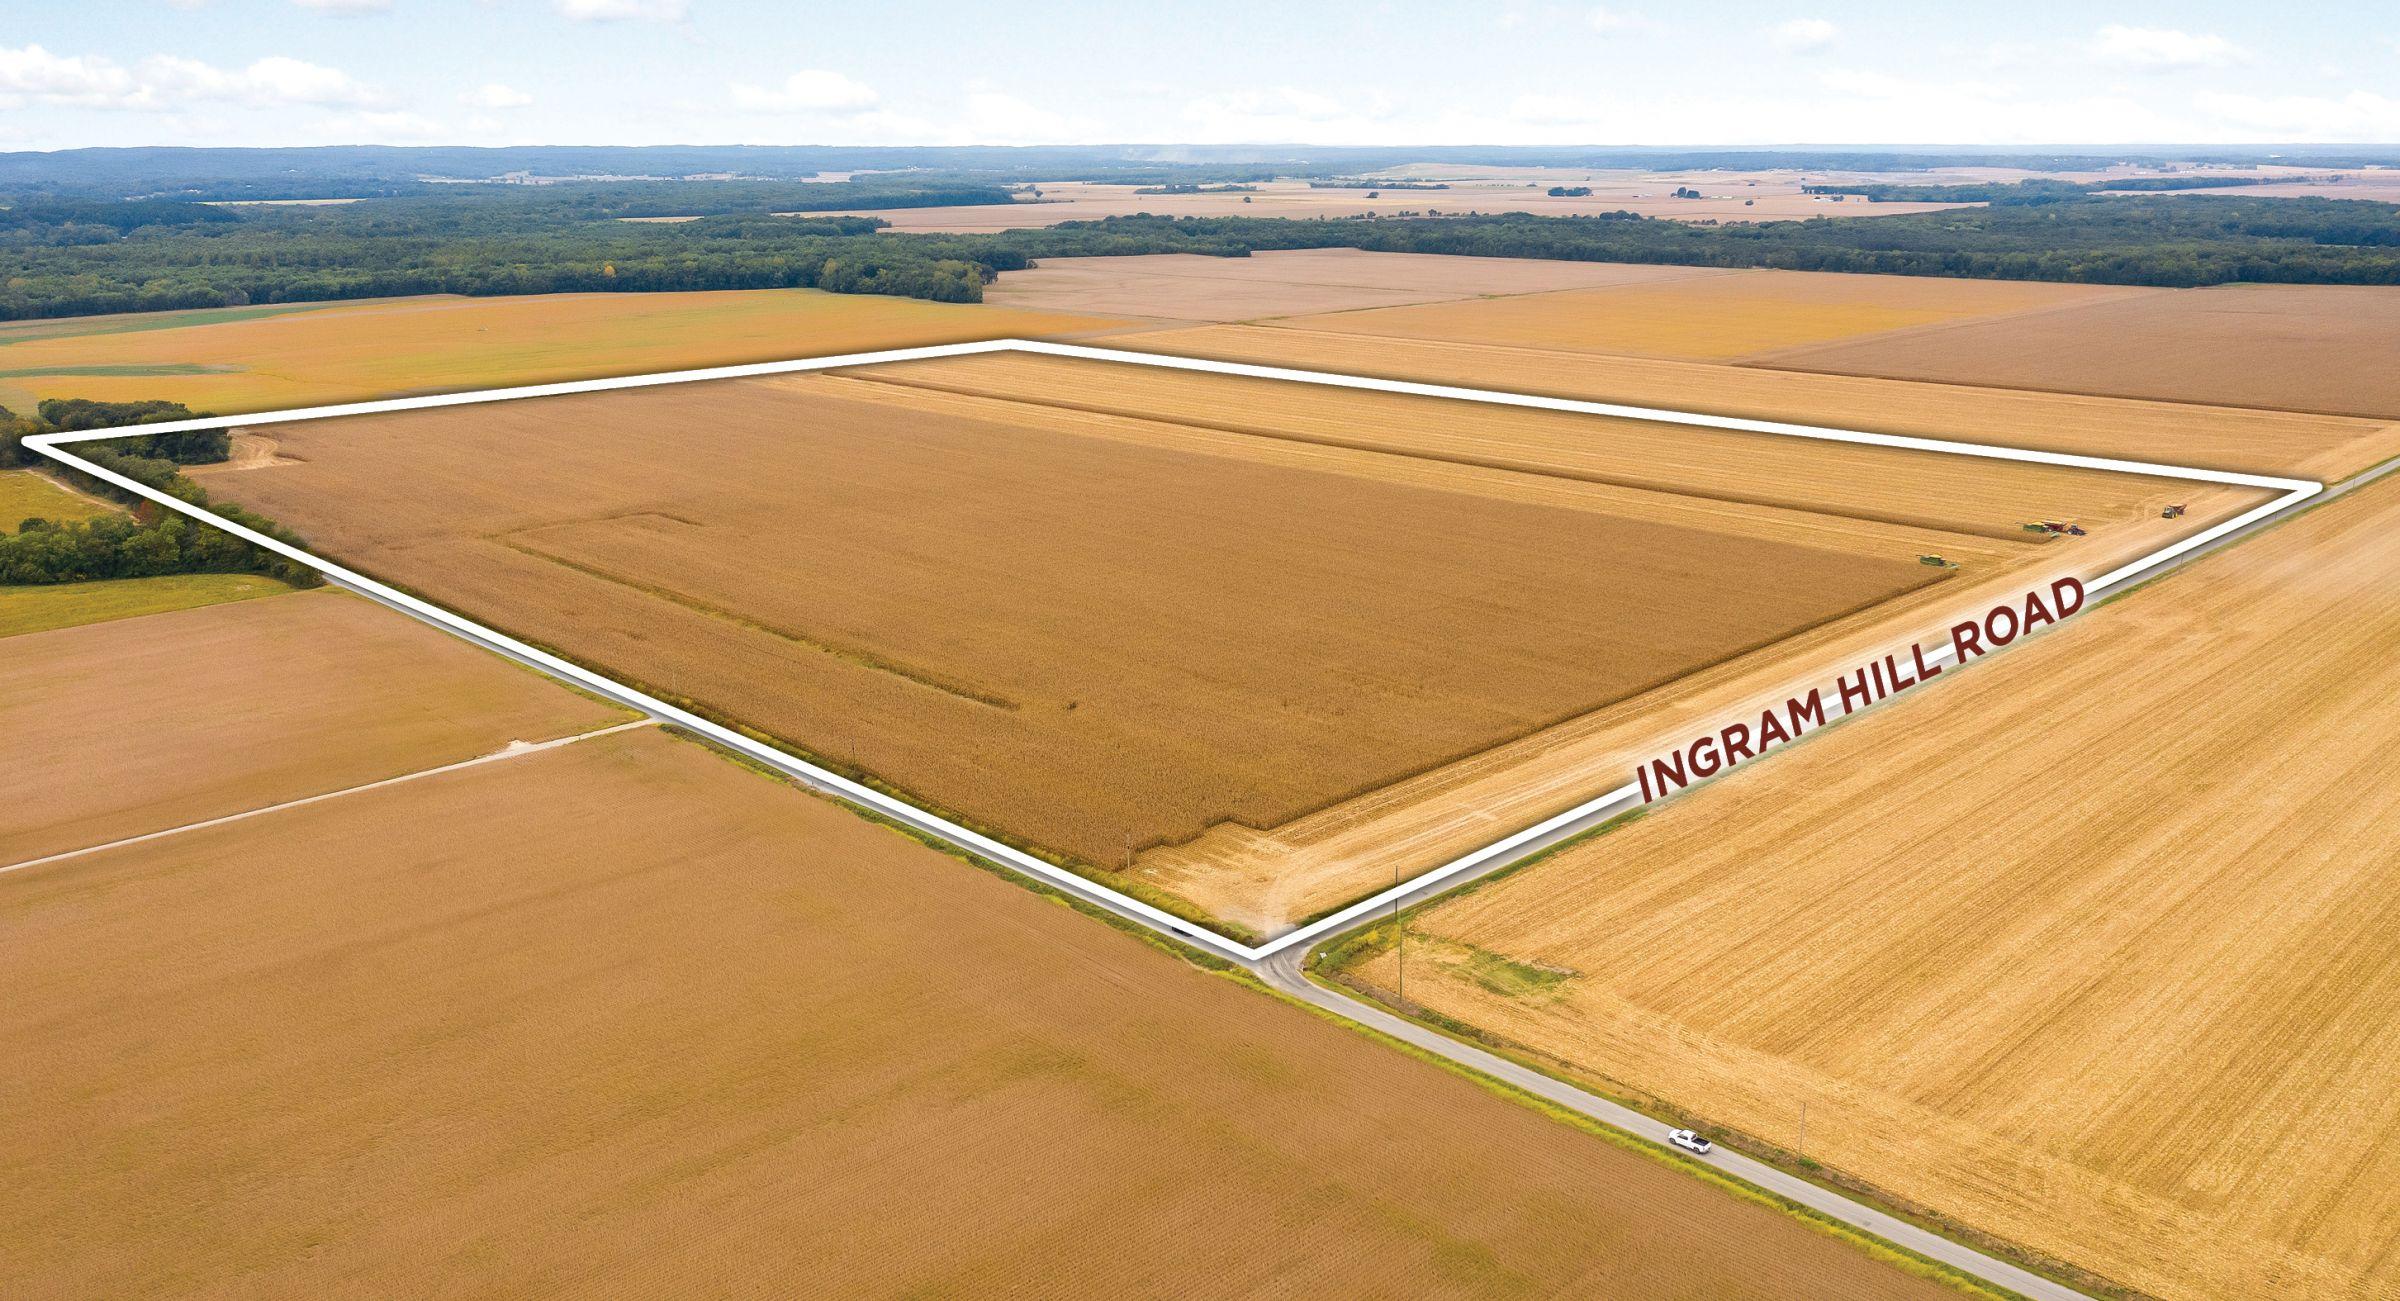 6-ingram-hill-road-harrisburg-62946-1-2020-10-15-152715.jpg